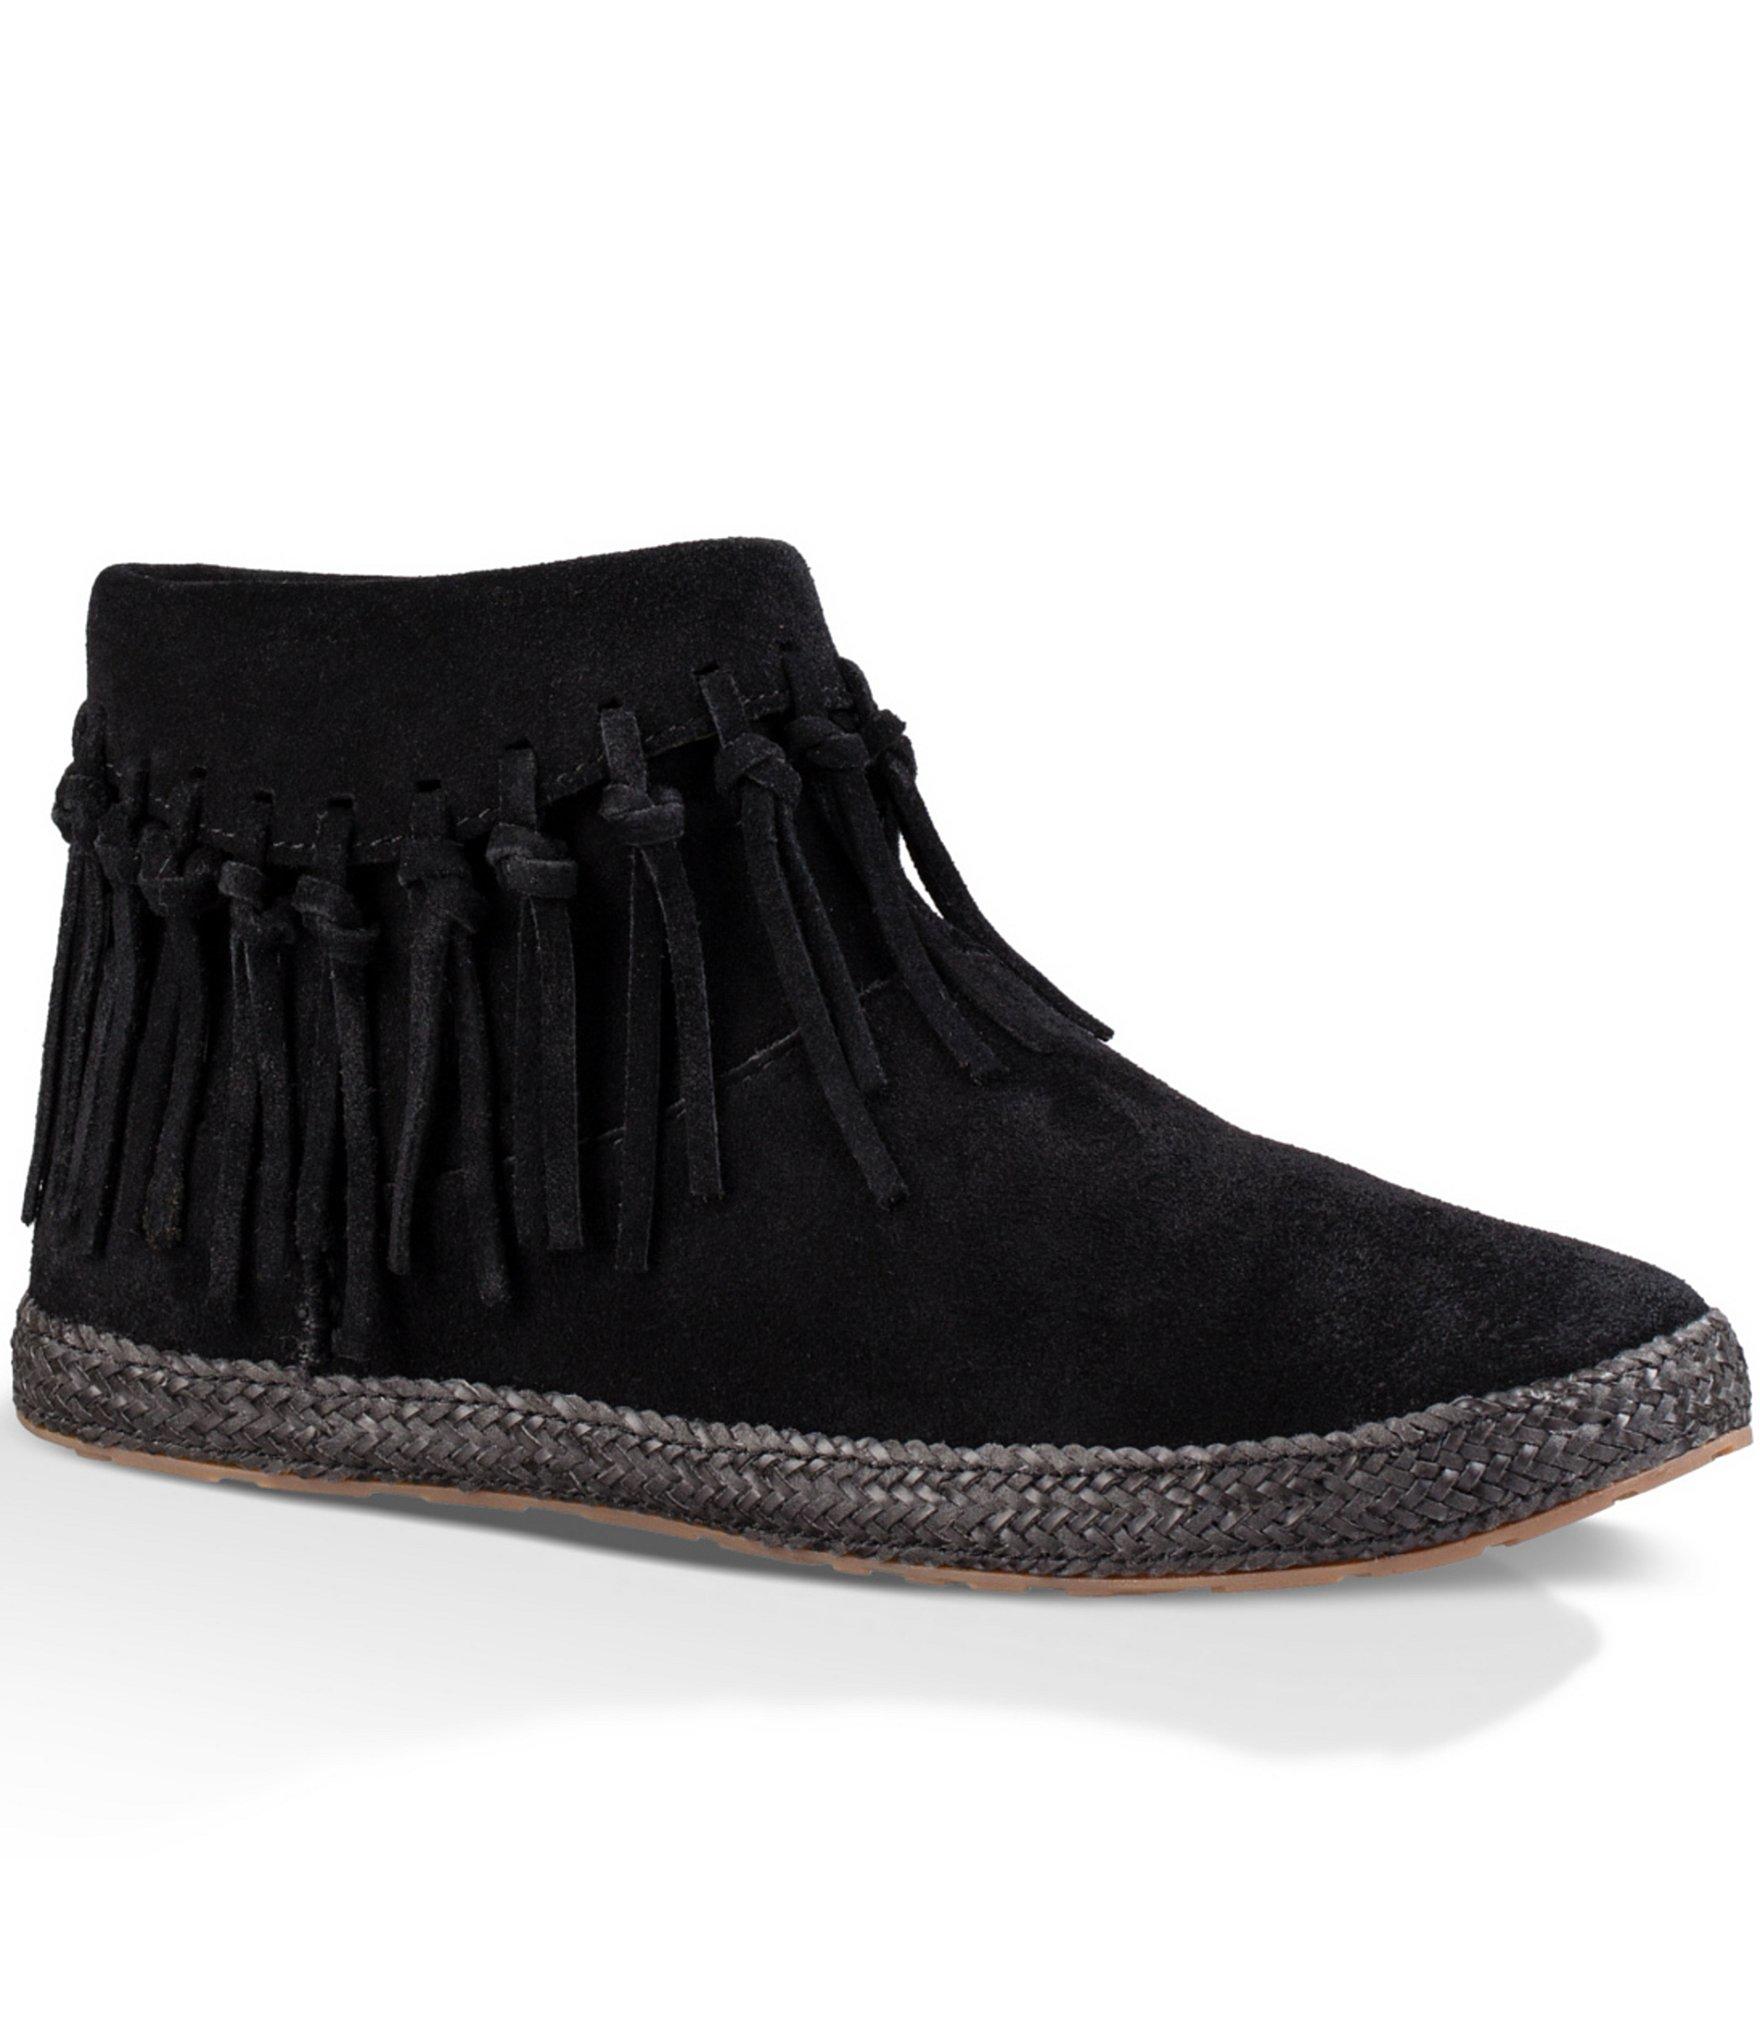 Ugg Shenandoah Fringed Suede Ankle Boots in Black | Lyst